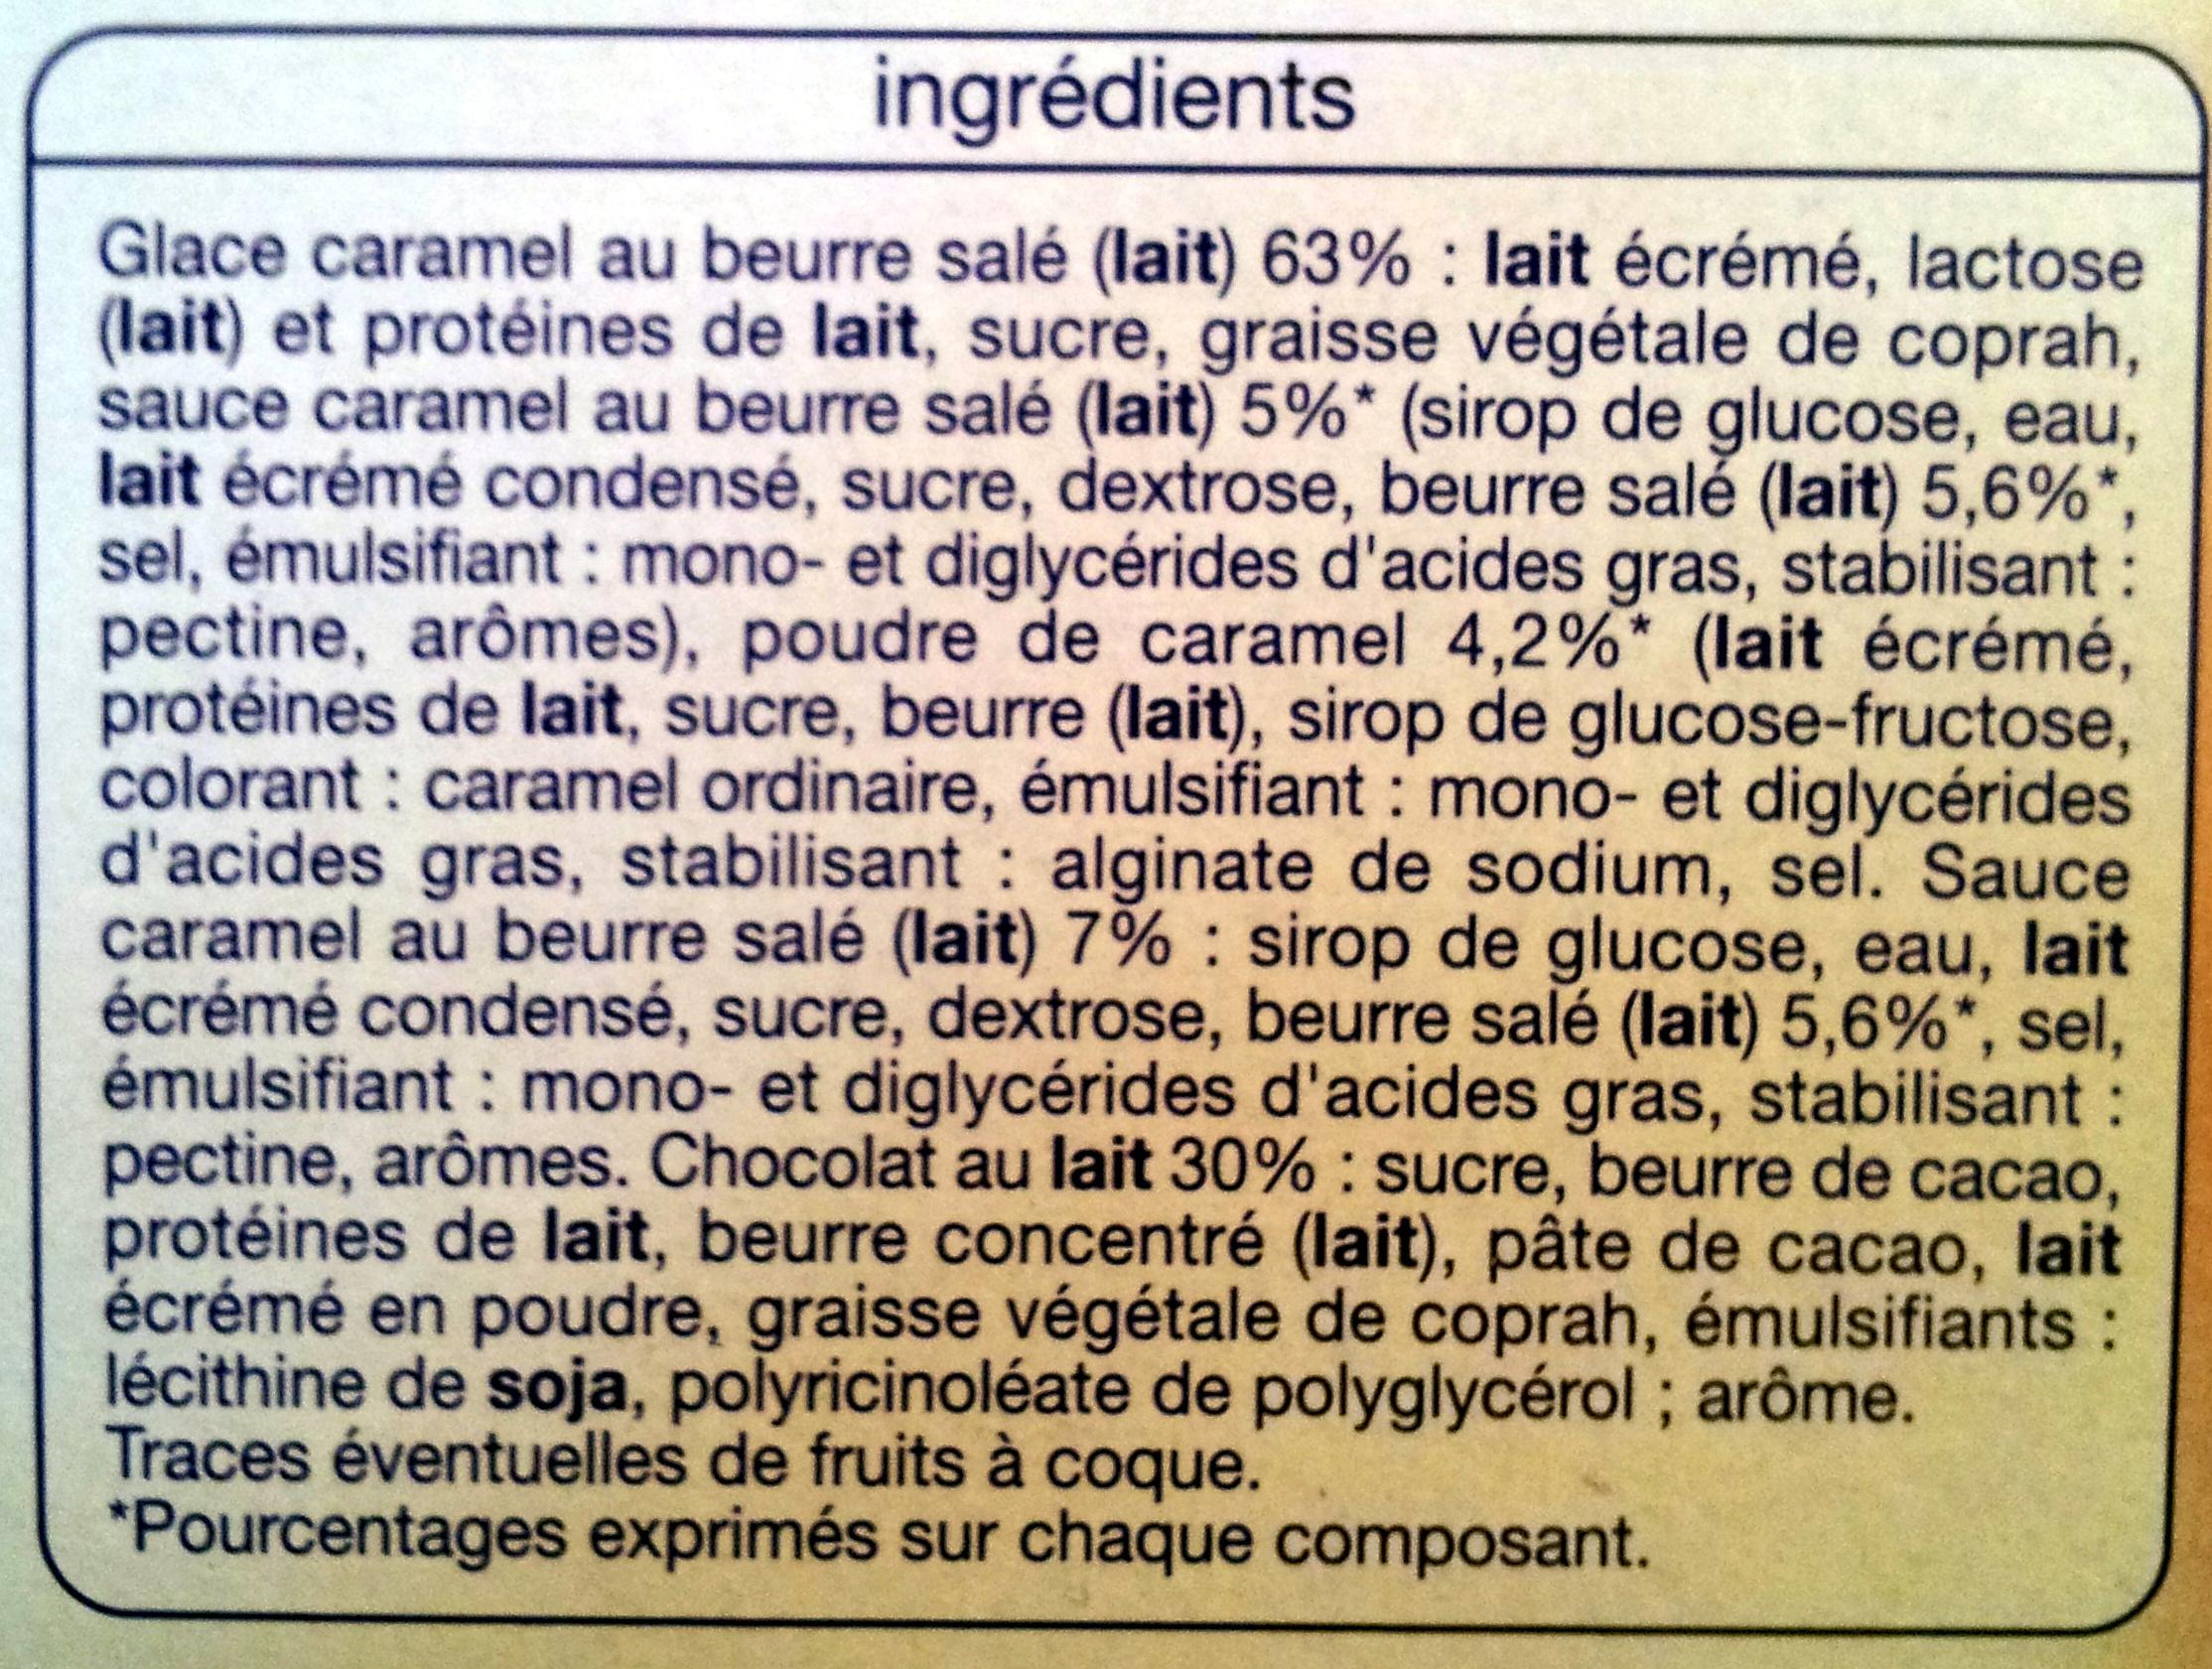 Batonnets caramel beurre salé - Ingrédients - fr